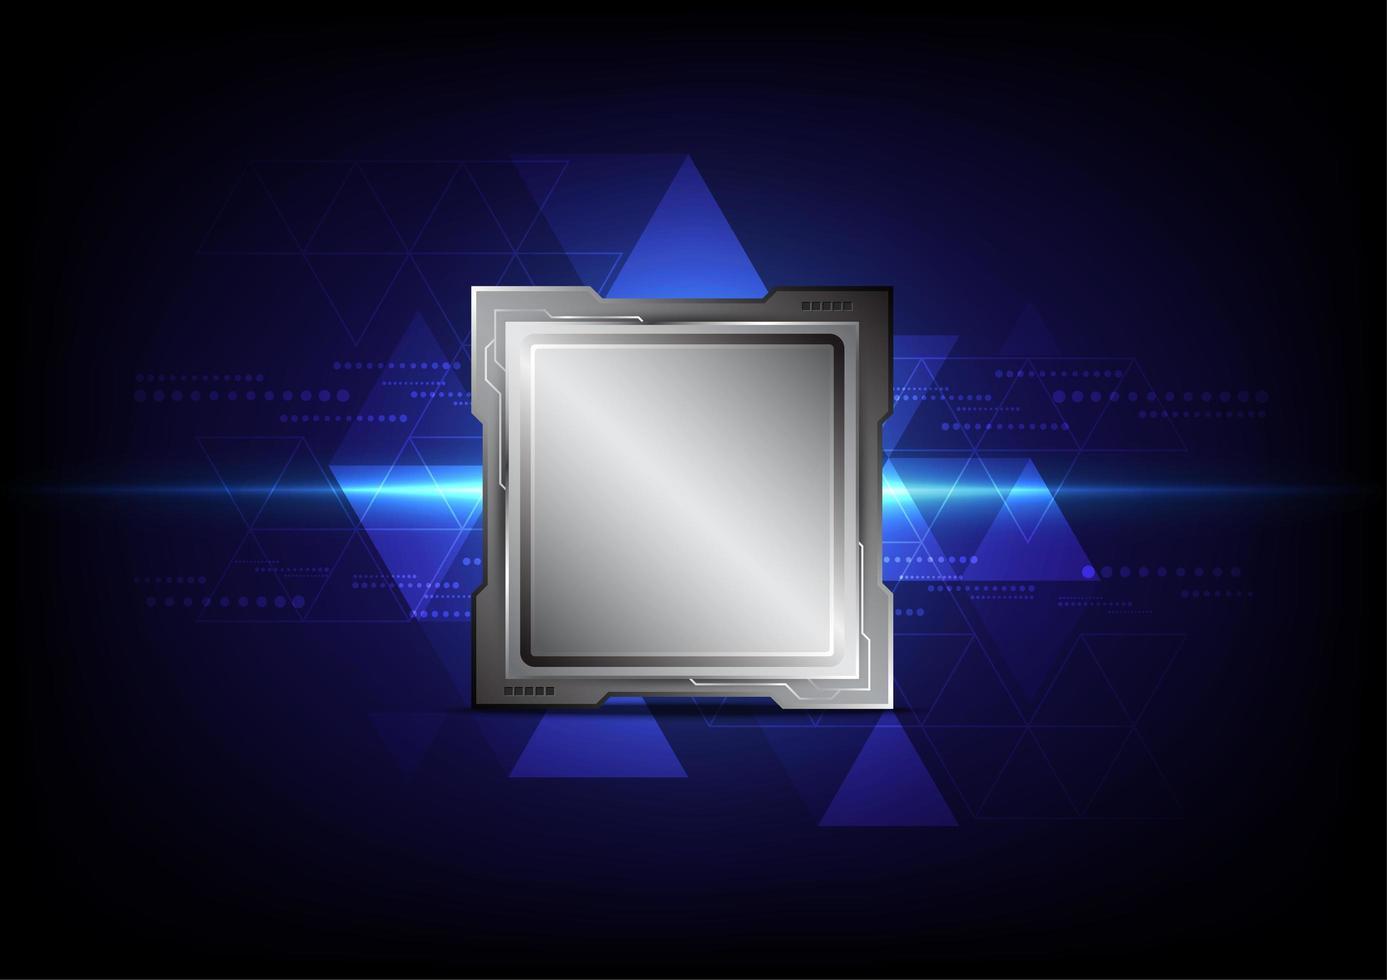 Mikrochip auf einem blauen Dreieck abstrakten Hintergrund vektor